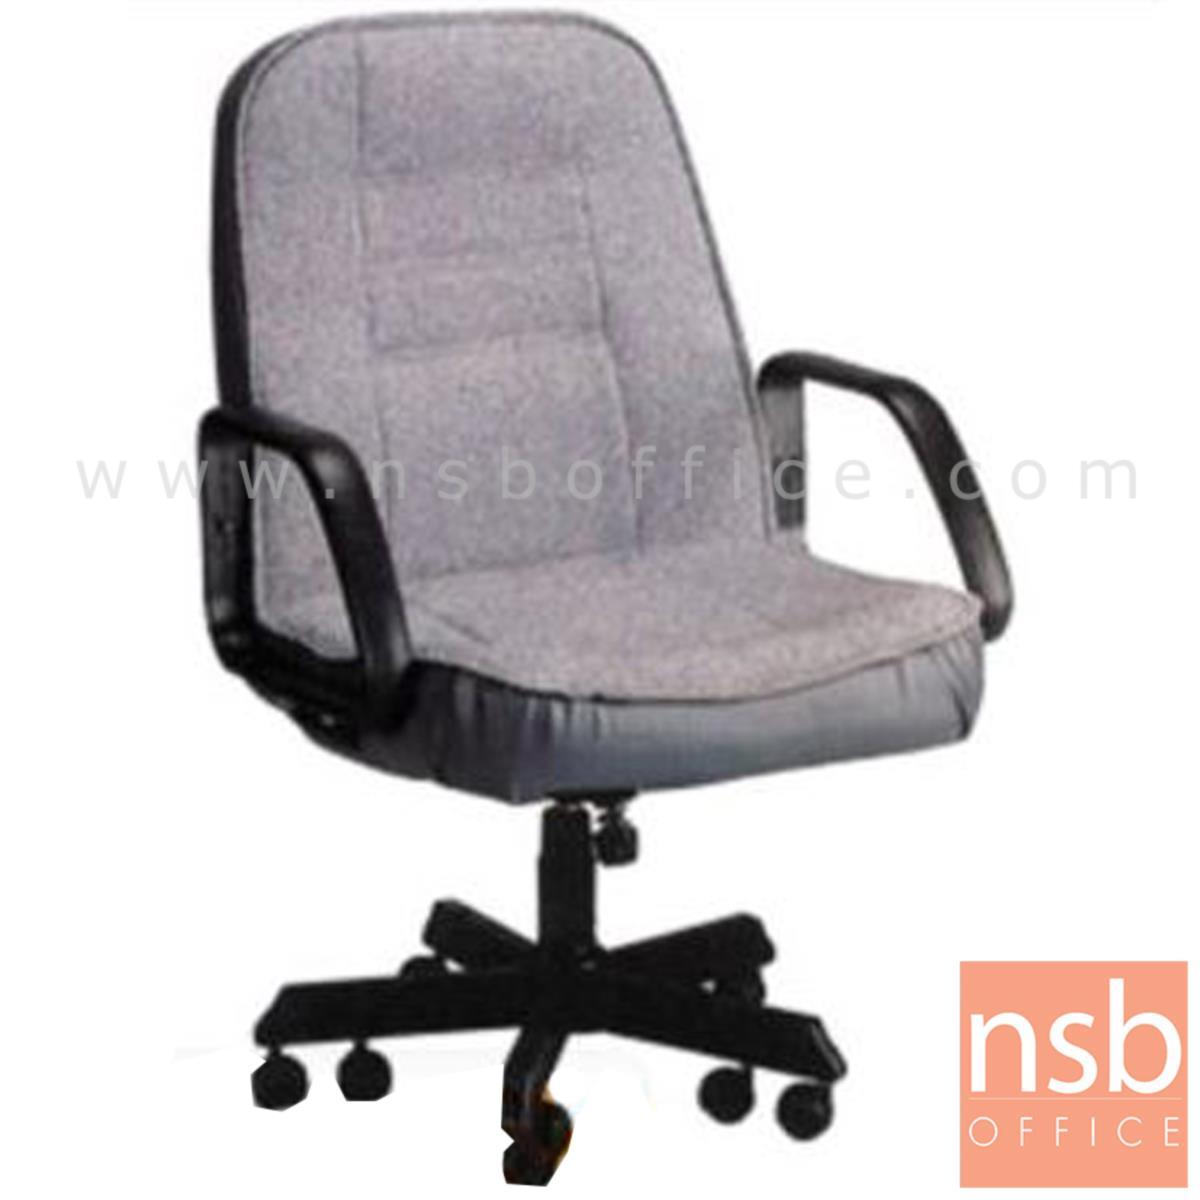 B14A006:เก้าอี้สำนักงาน รุ่น Heaton  มีก้อนโยก ขาเหล็ก 10 ล้อ